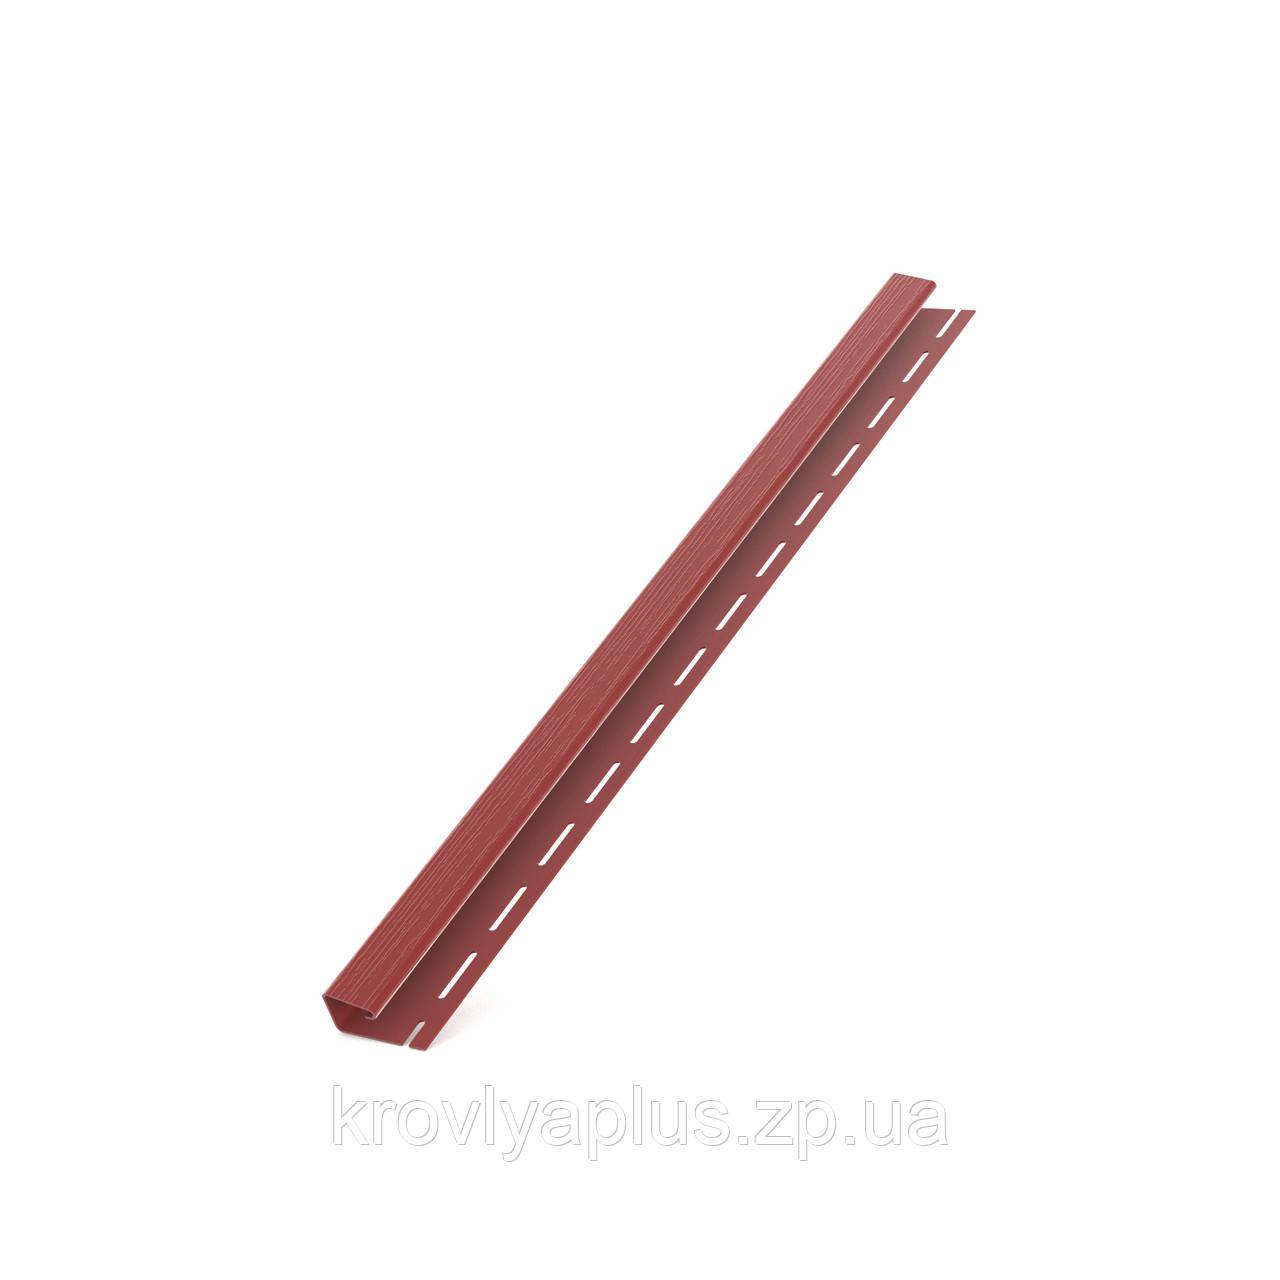 Соффит Планки  BRYZA (БРИЗА)  Джей профиль (J) красный